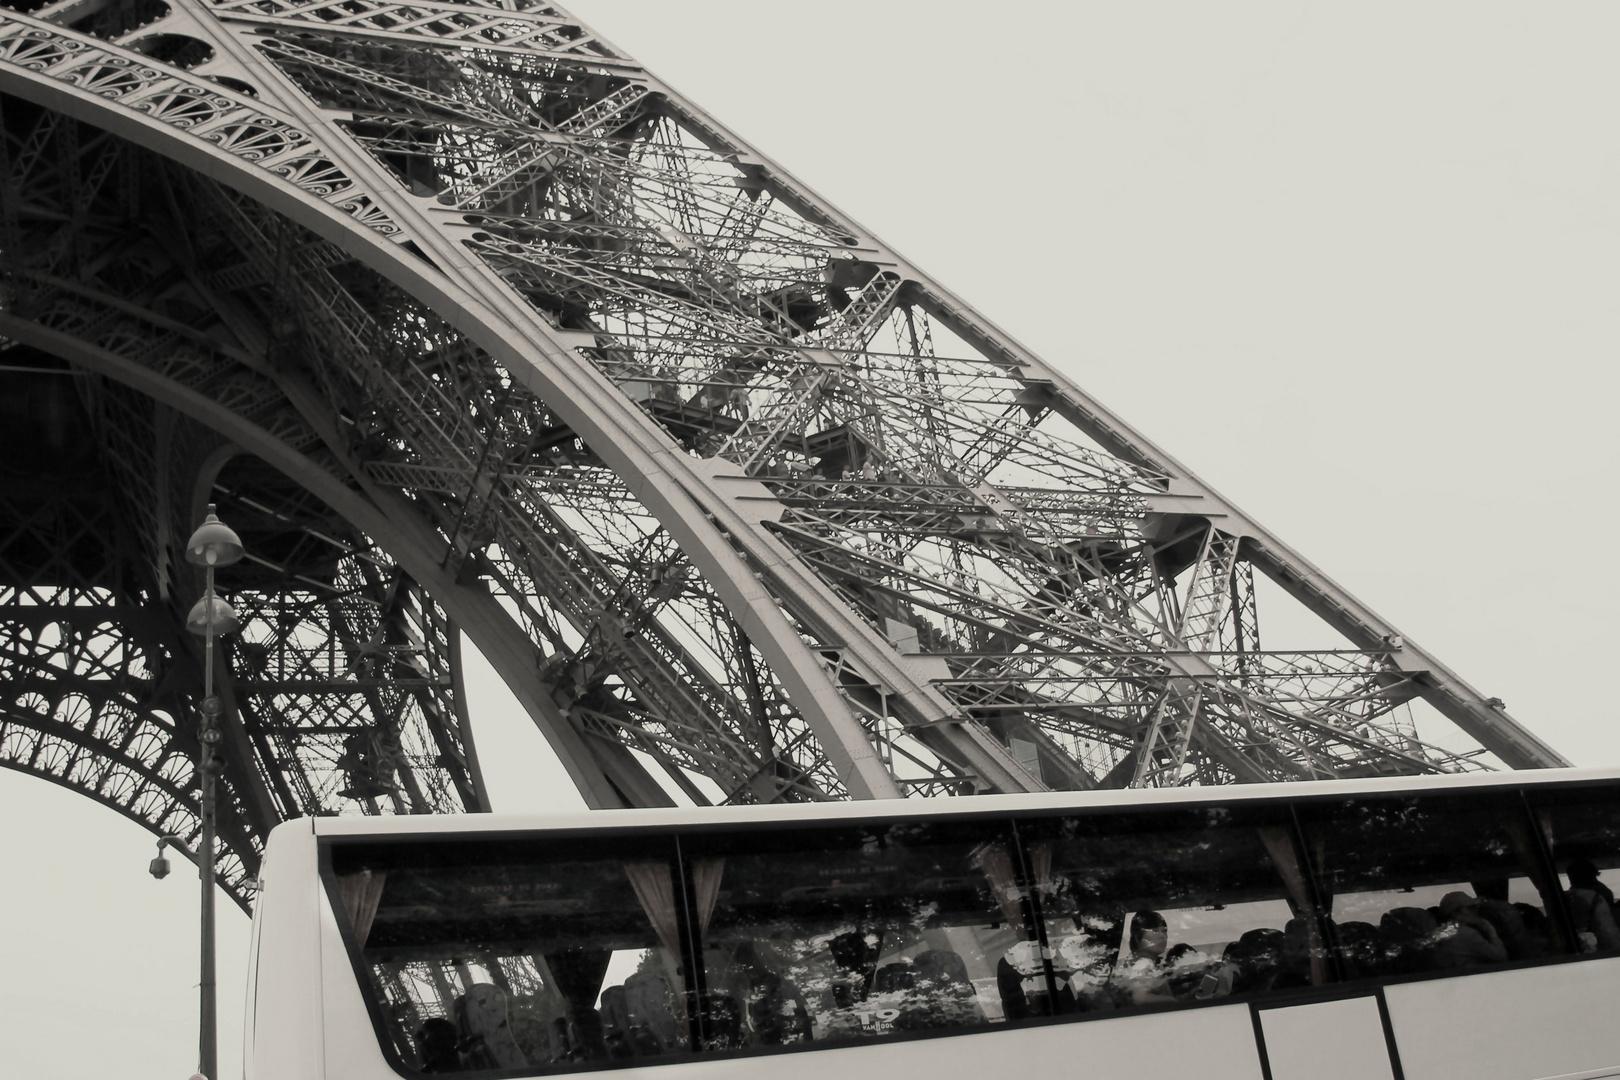 Eiffelturm Tour Paris